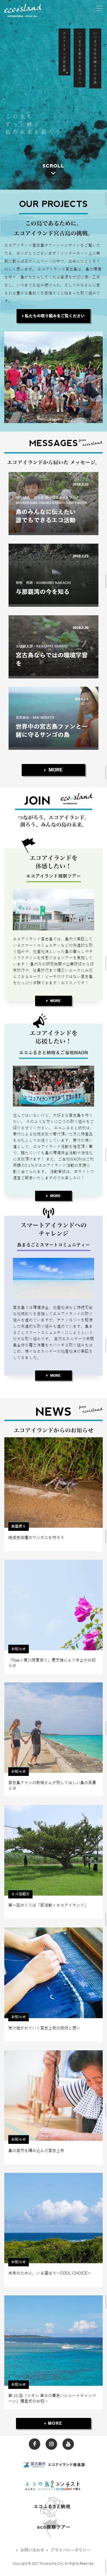 エコアイランド宮古島スマホ版イメージ